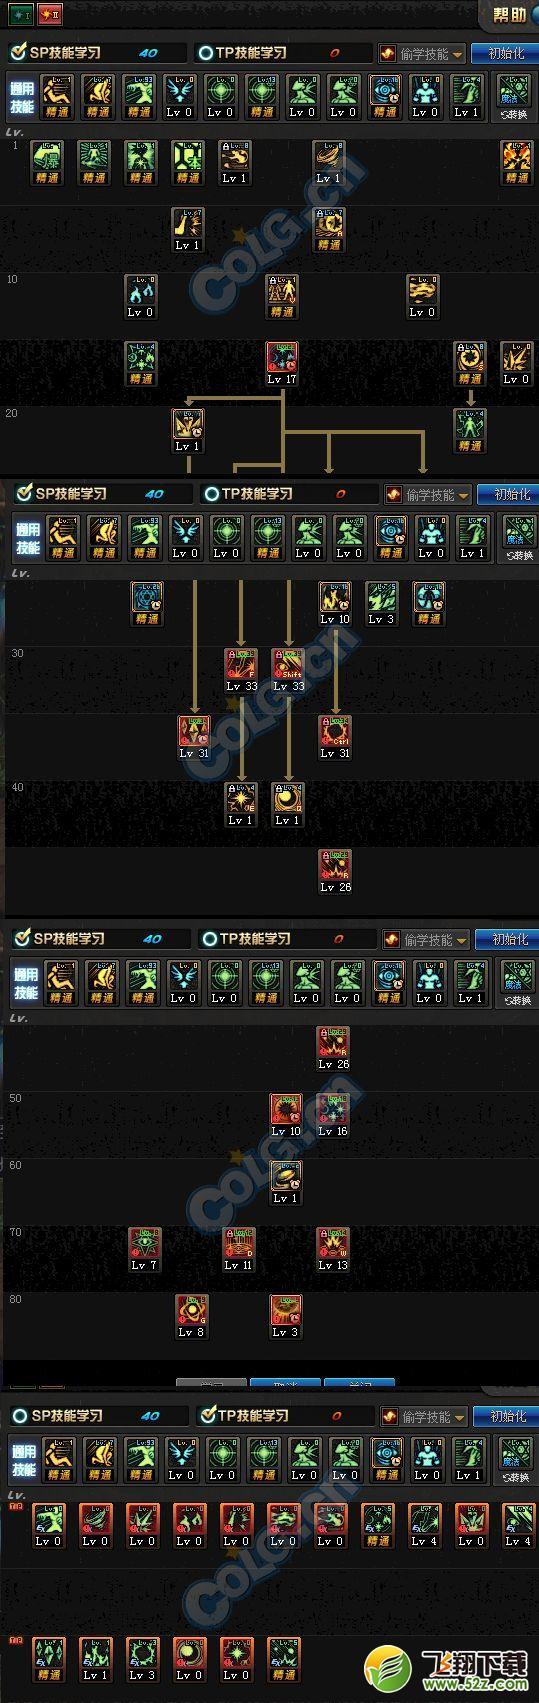 dnf起源版本元素爆破师最佳加点方案介绍